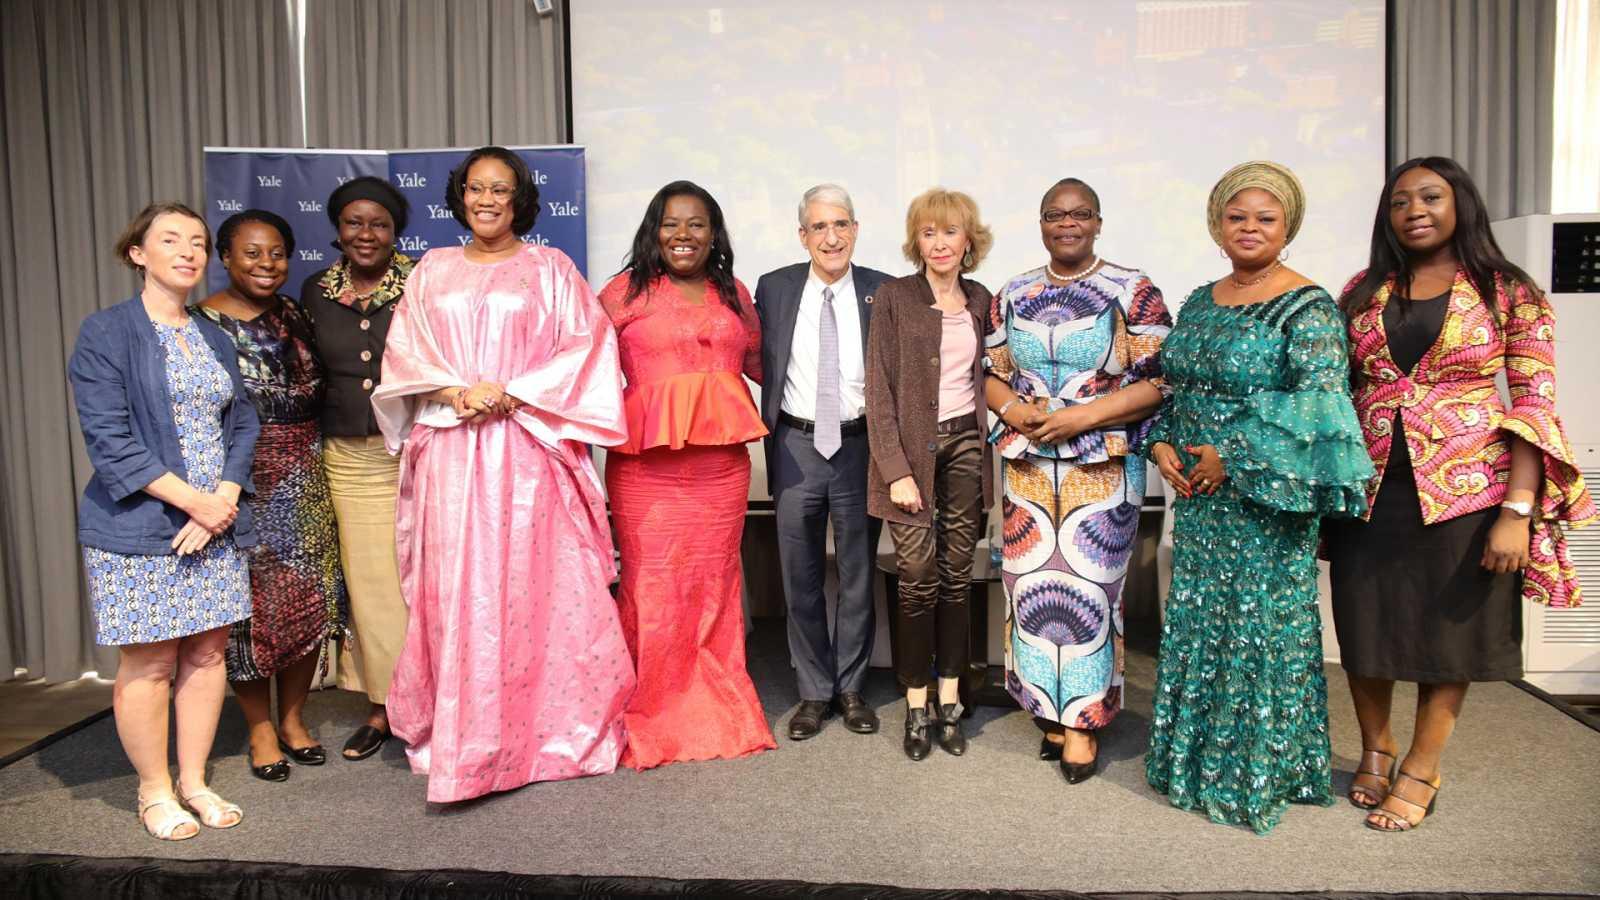 África hoy - Las mujeres africanas frente al COVID-19 - 06/10/20 - Escuchar ahora